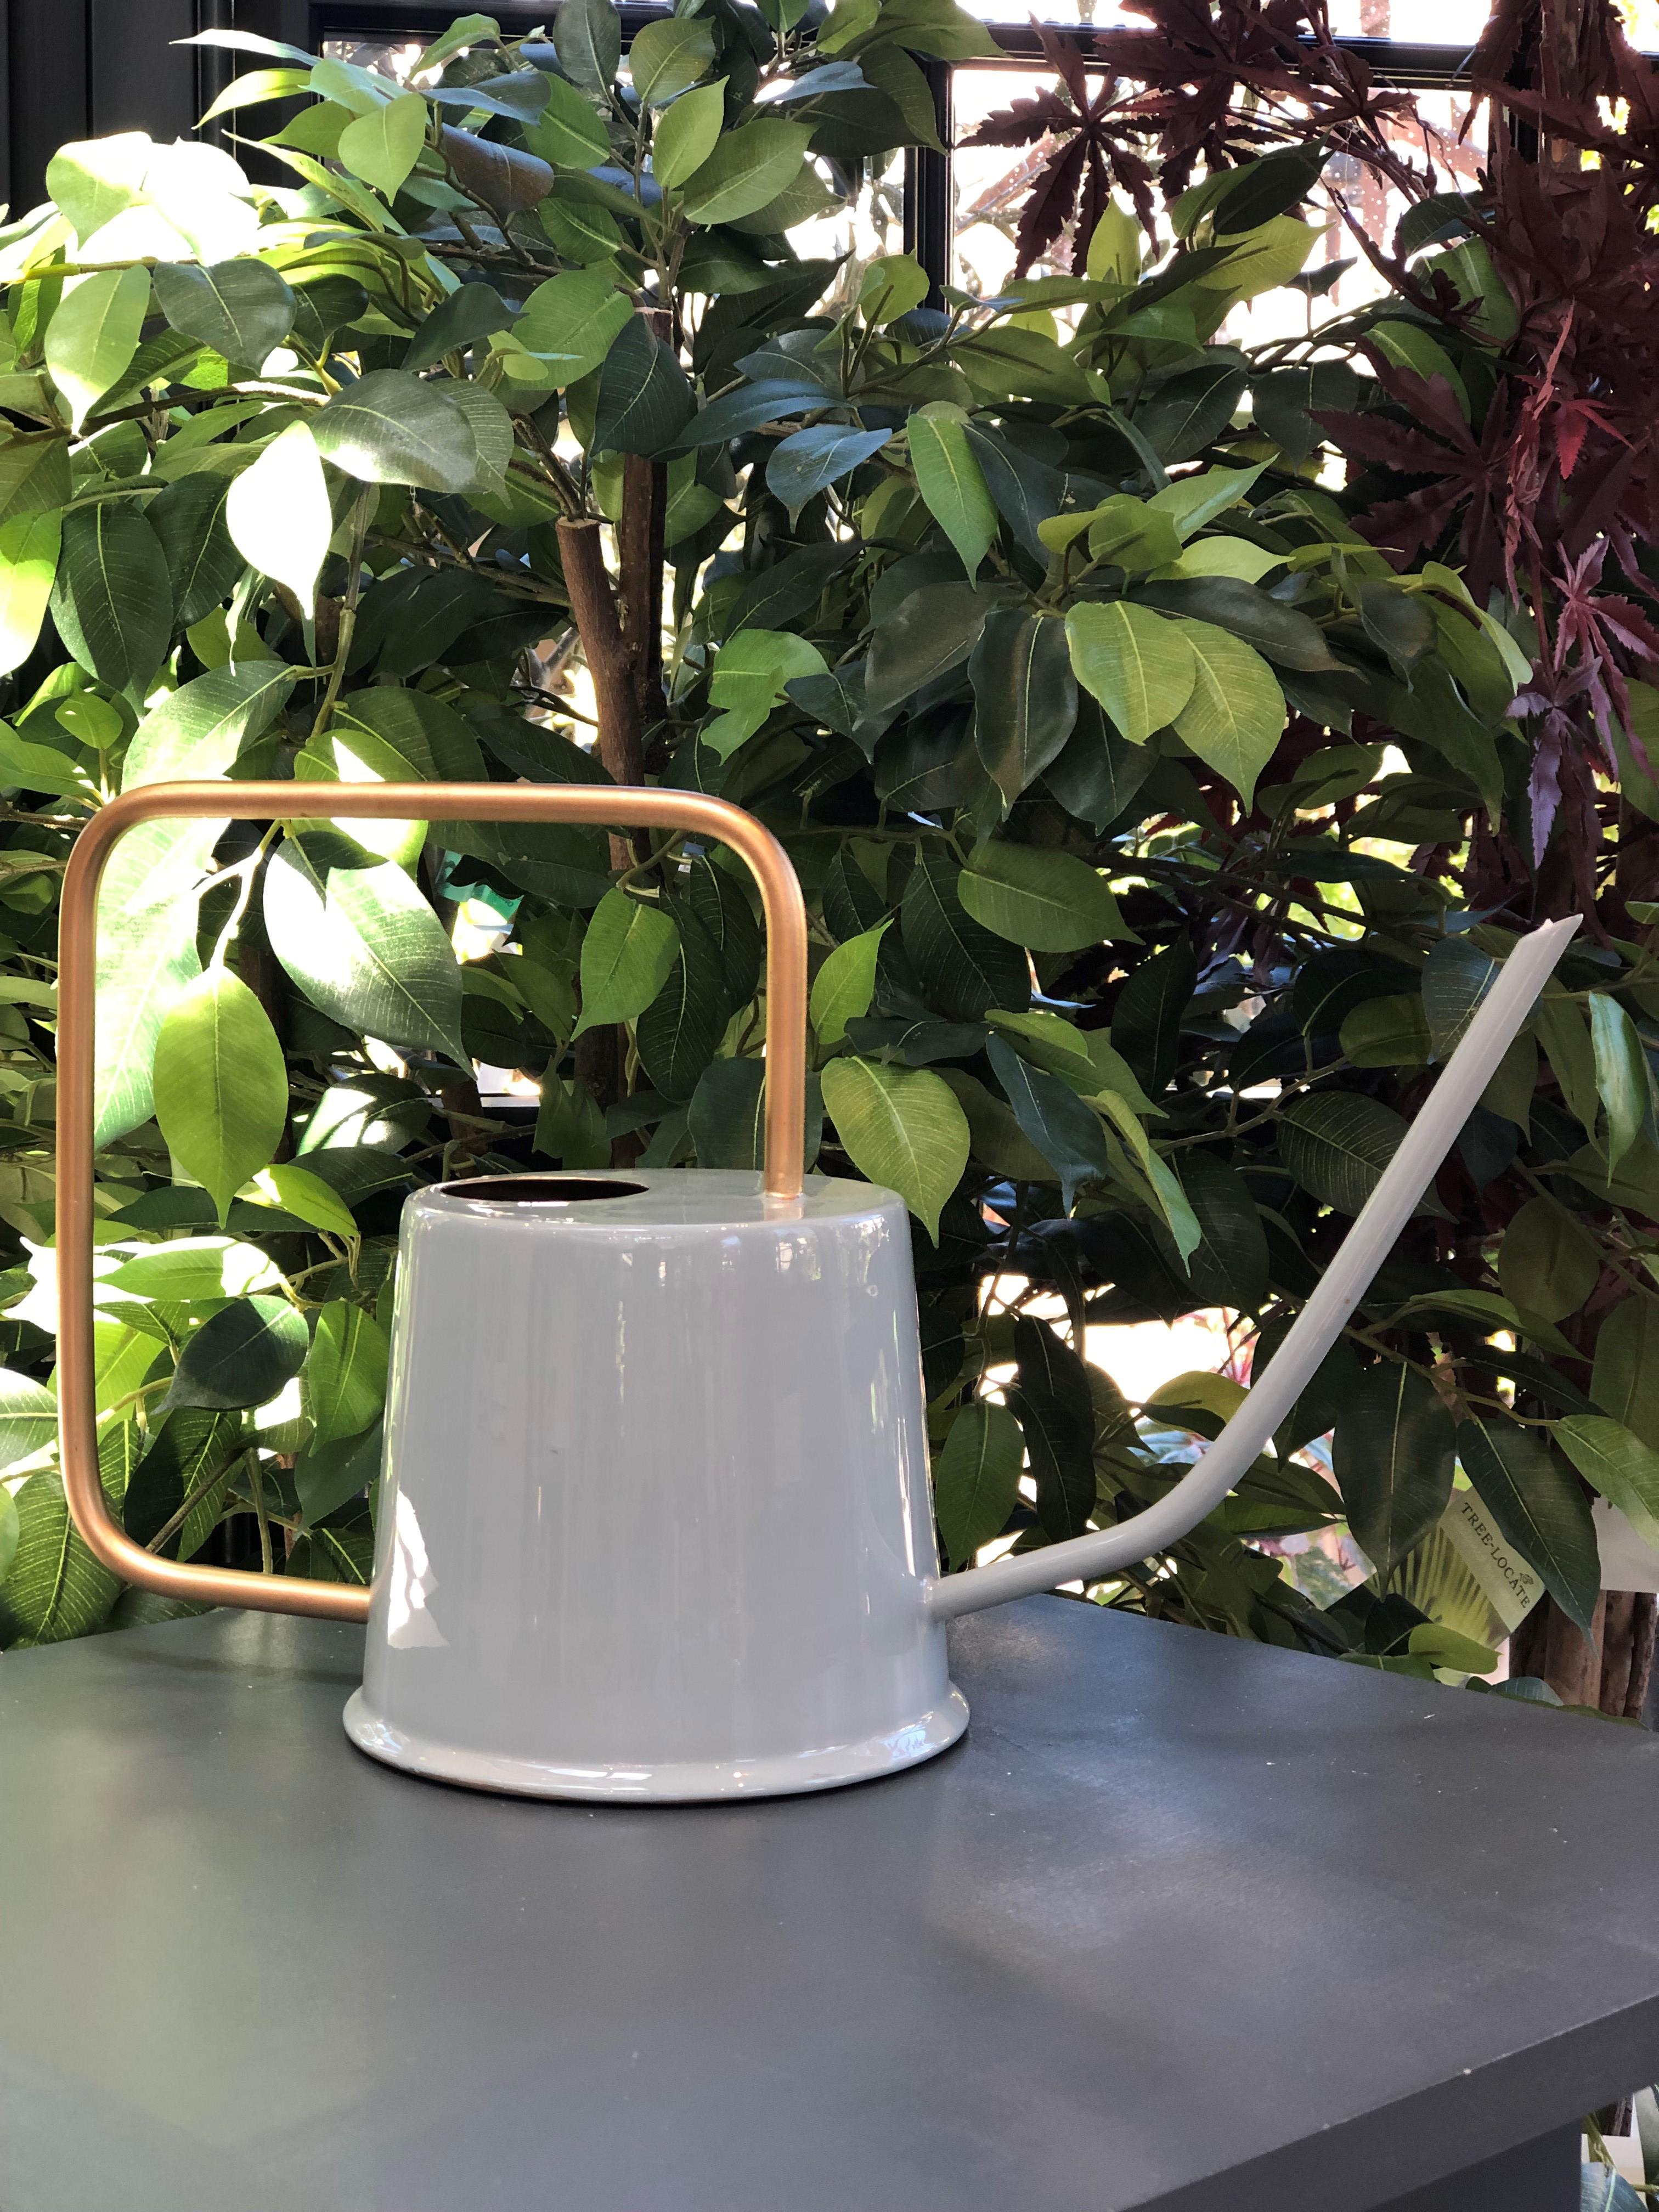 Watering can in Jaryn Blue